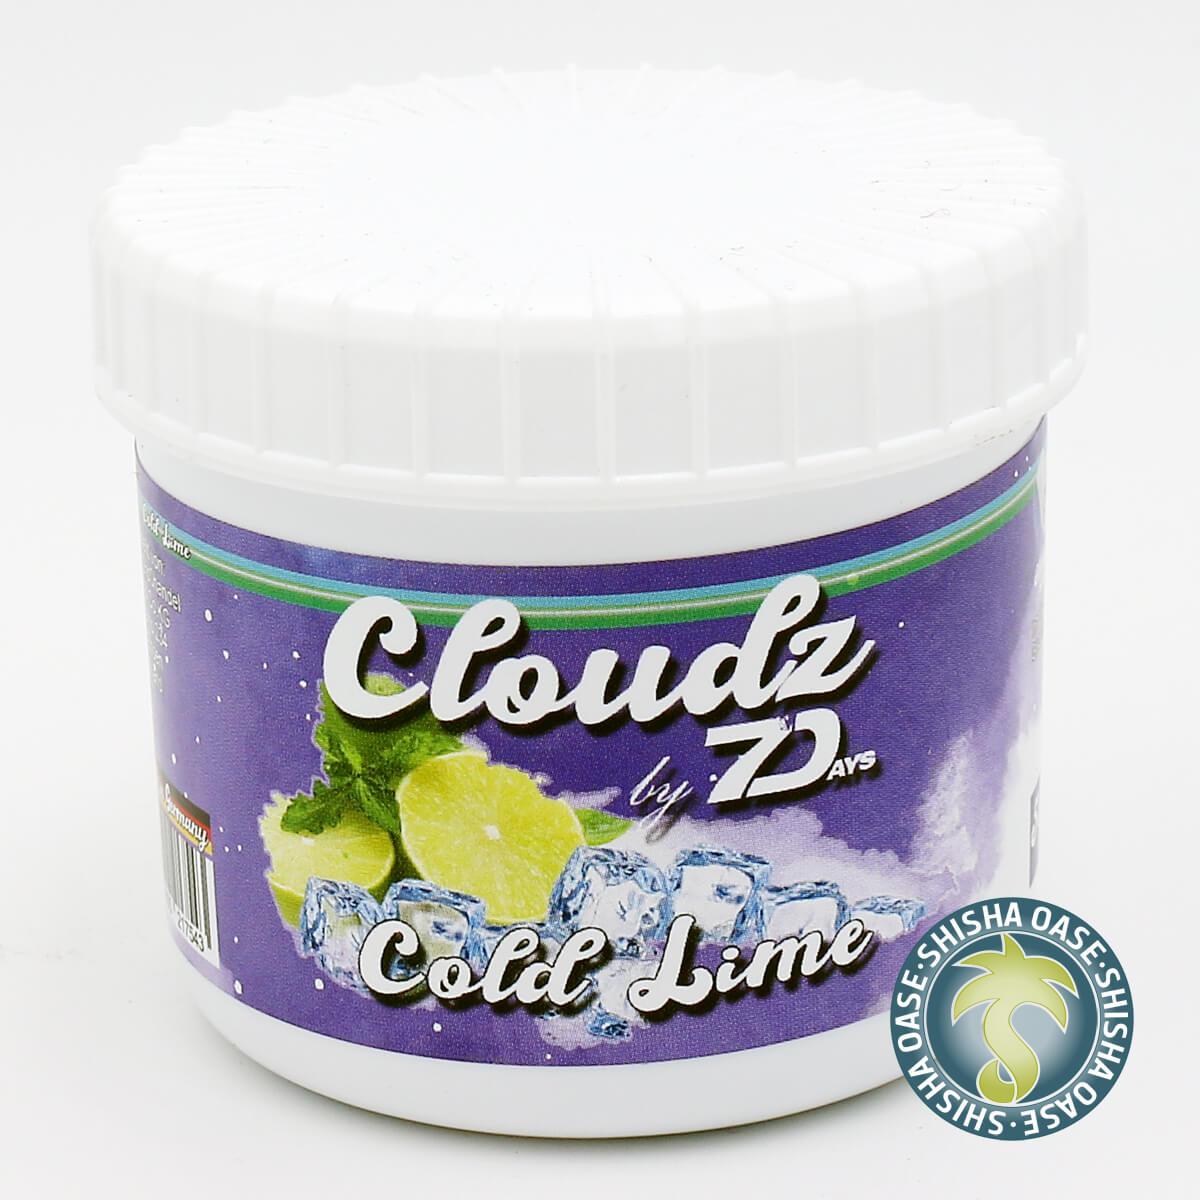 Cloudz by 7 Days Dampfsteine 50g | Cold Lime